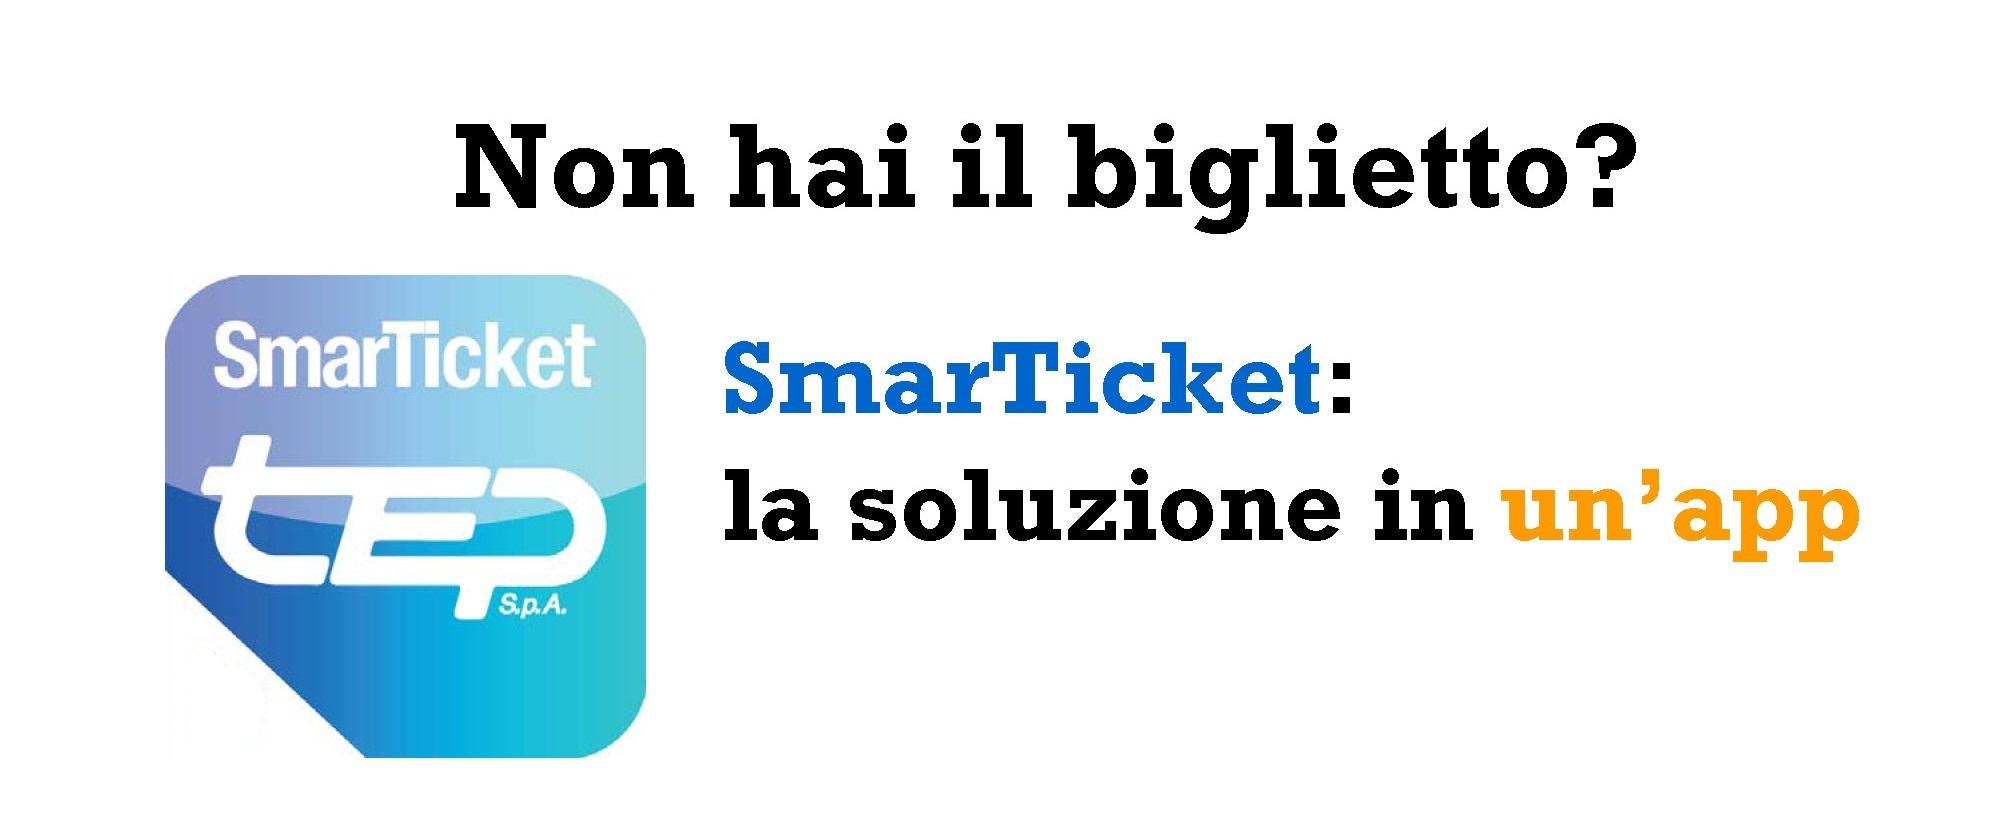 Non hai il biglietto? SmartTicket! La soluzione in un'app